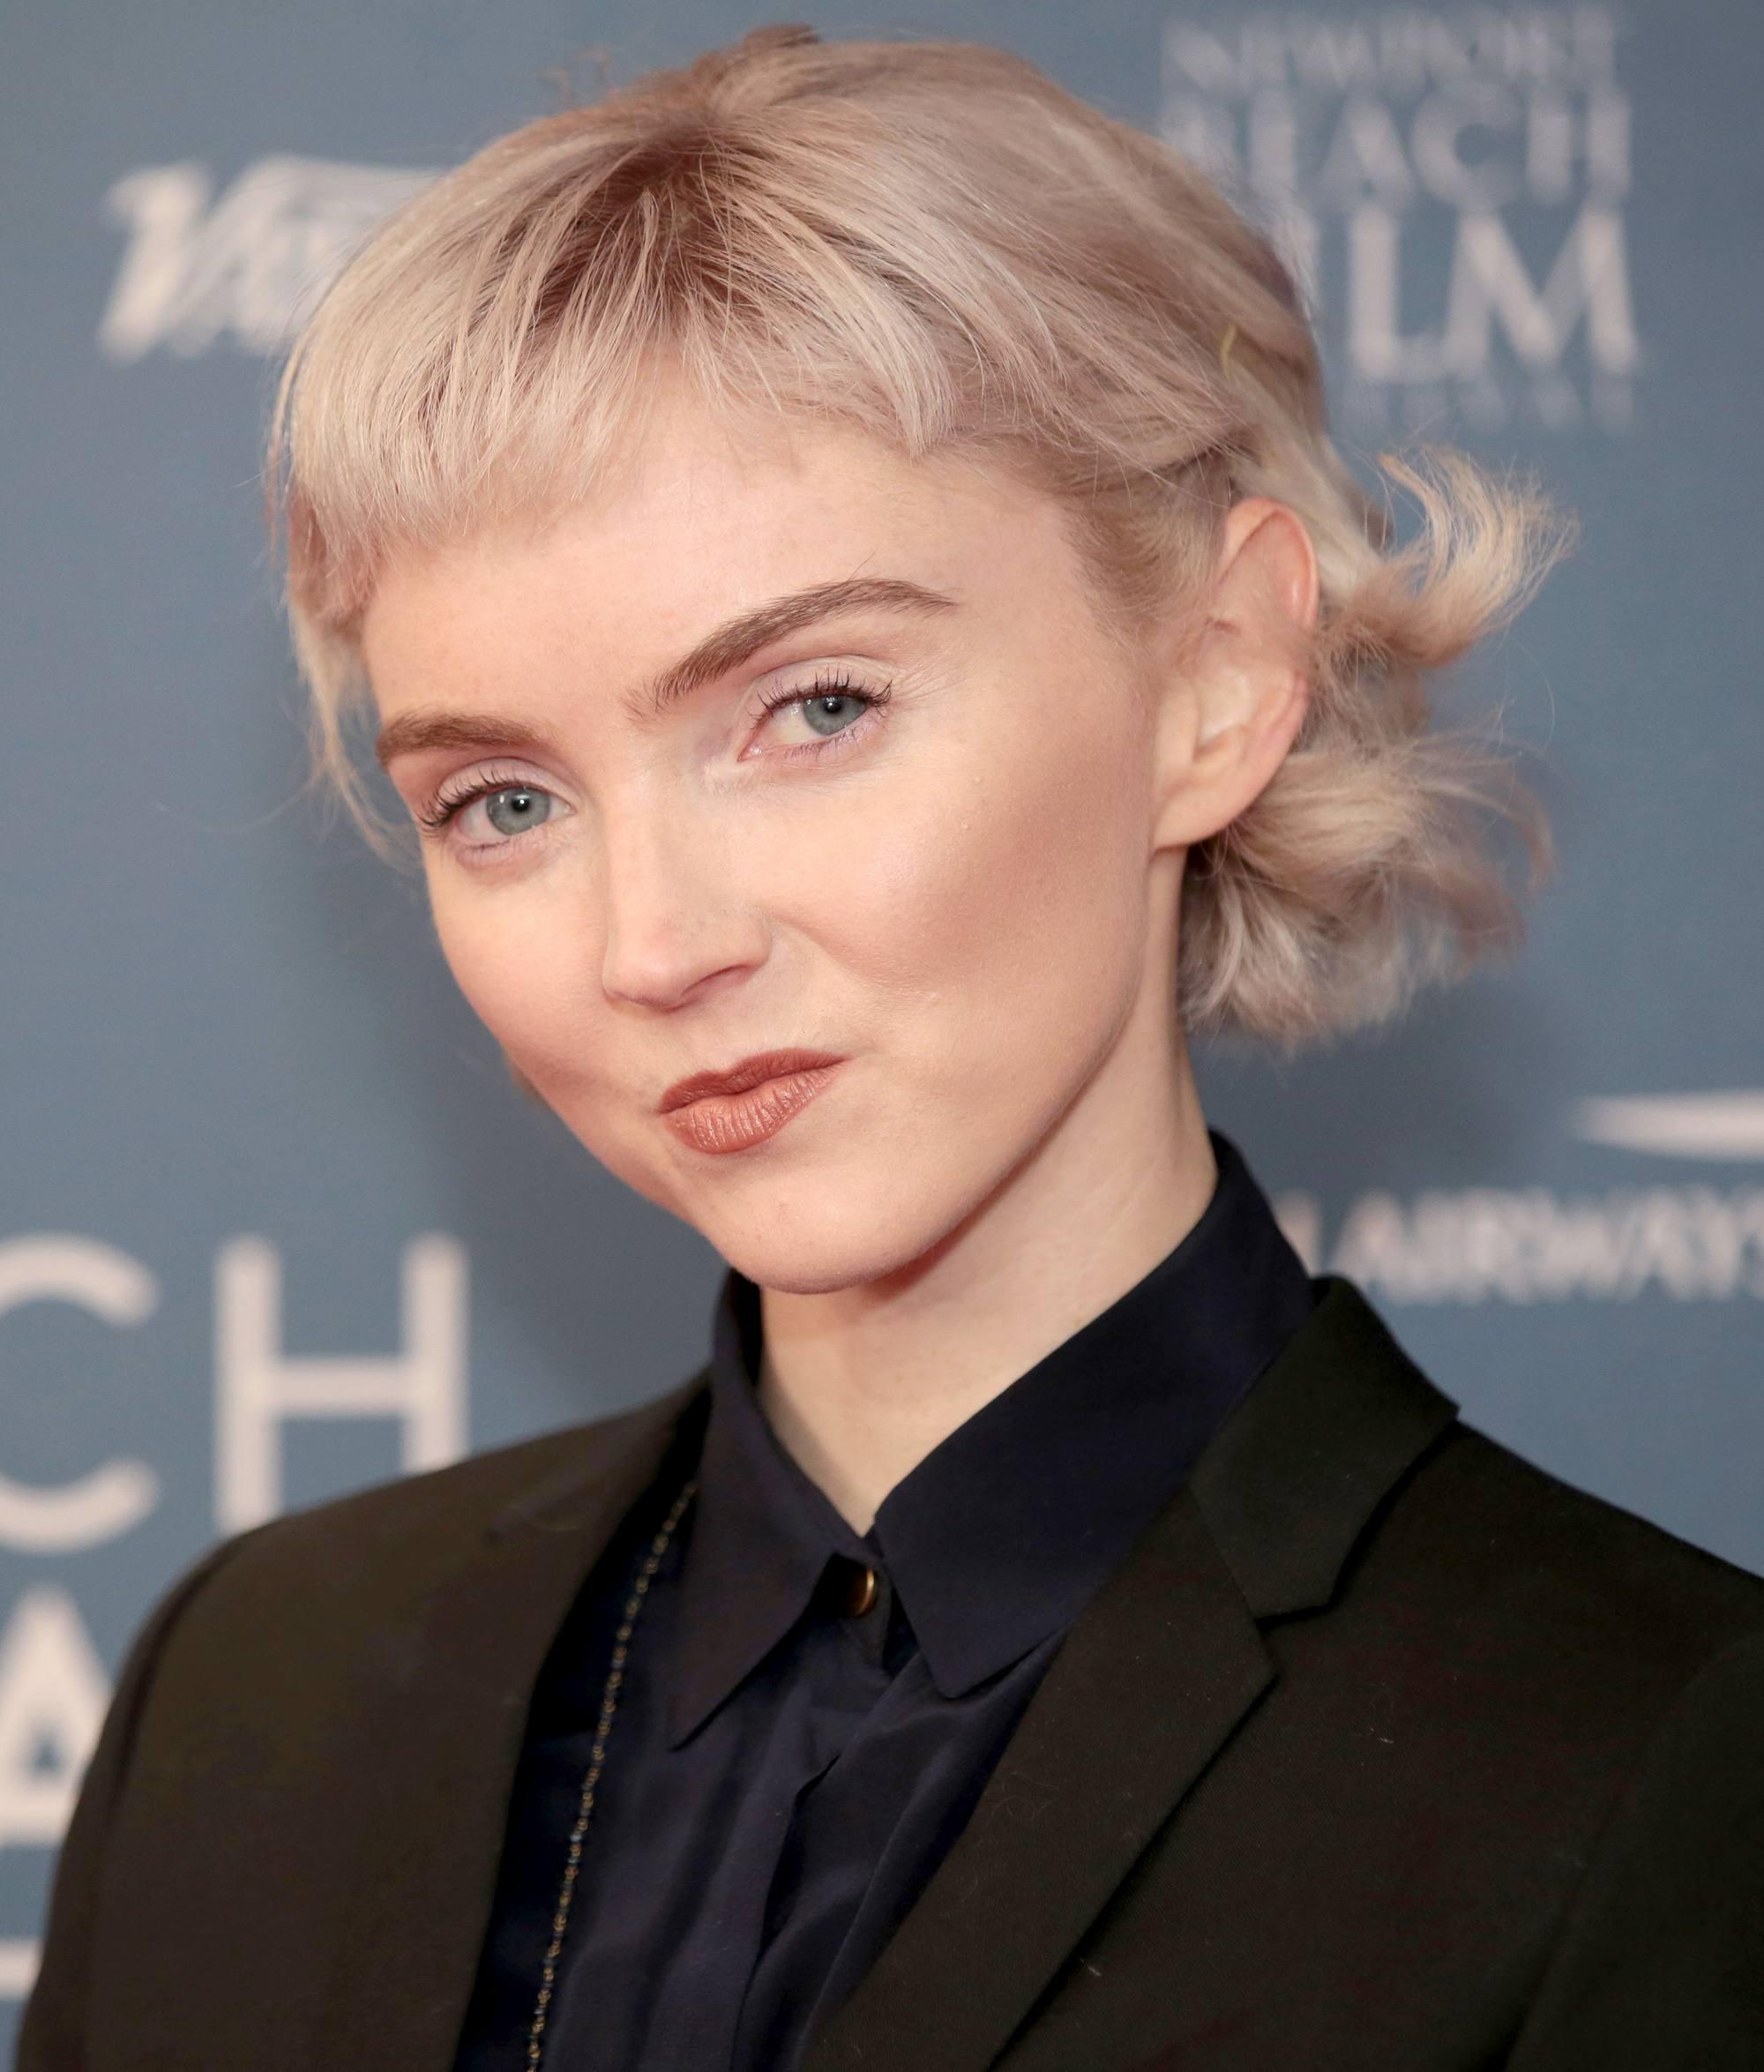 Coupes de cheveux courtes avec frange : Lily Cole, blonde décolorée, cheveux courts et ondulés avec microfranges, portant une chemise noire et un blazer.